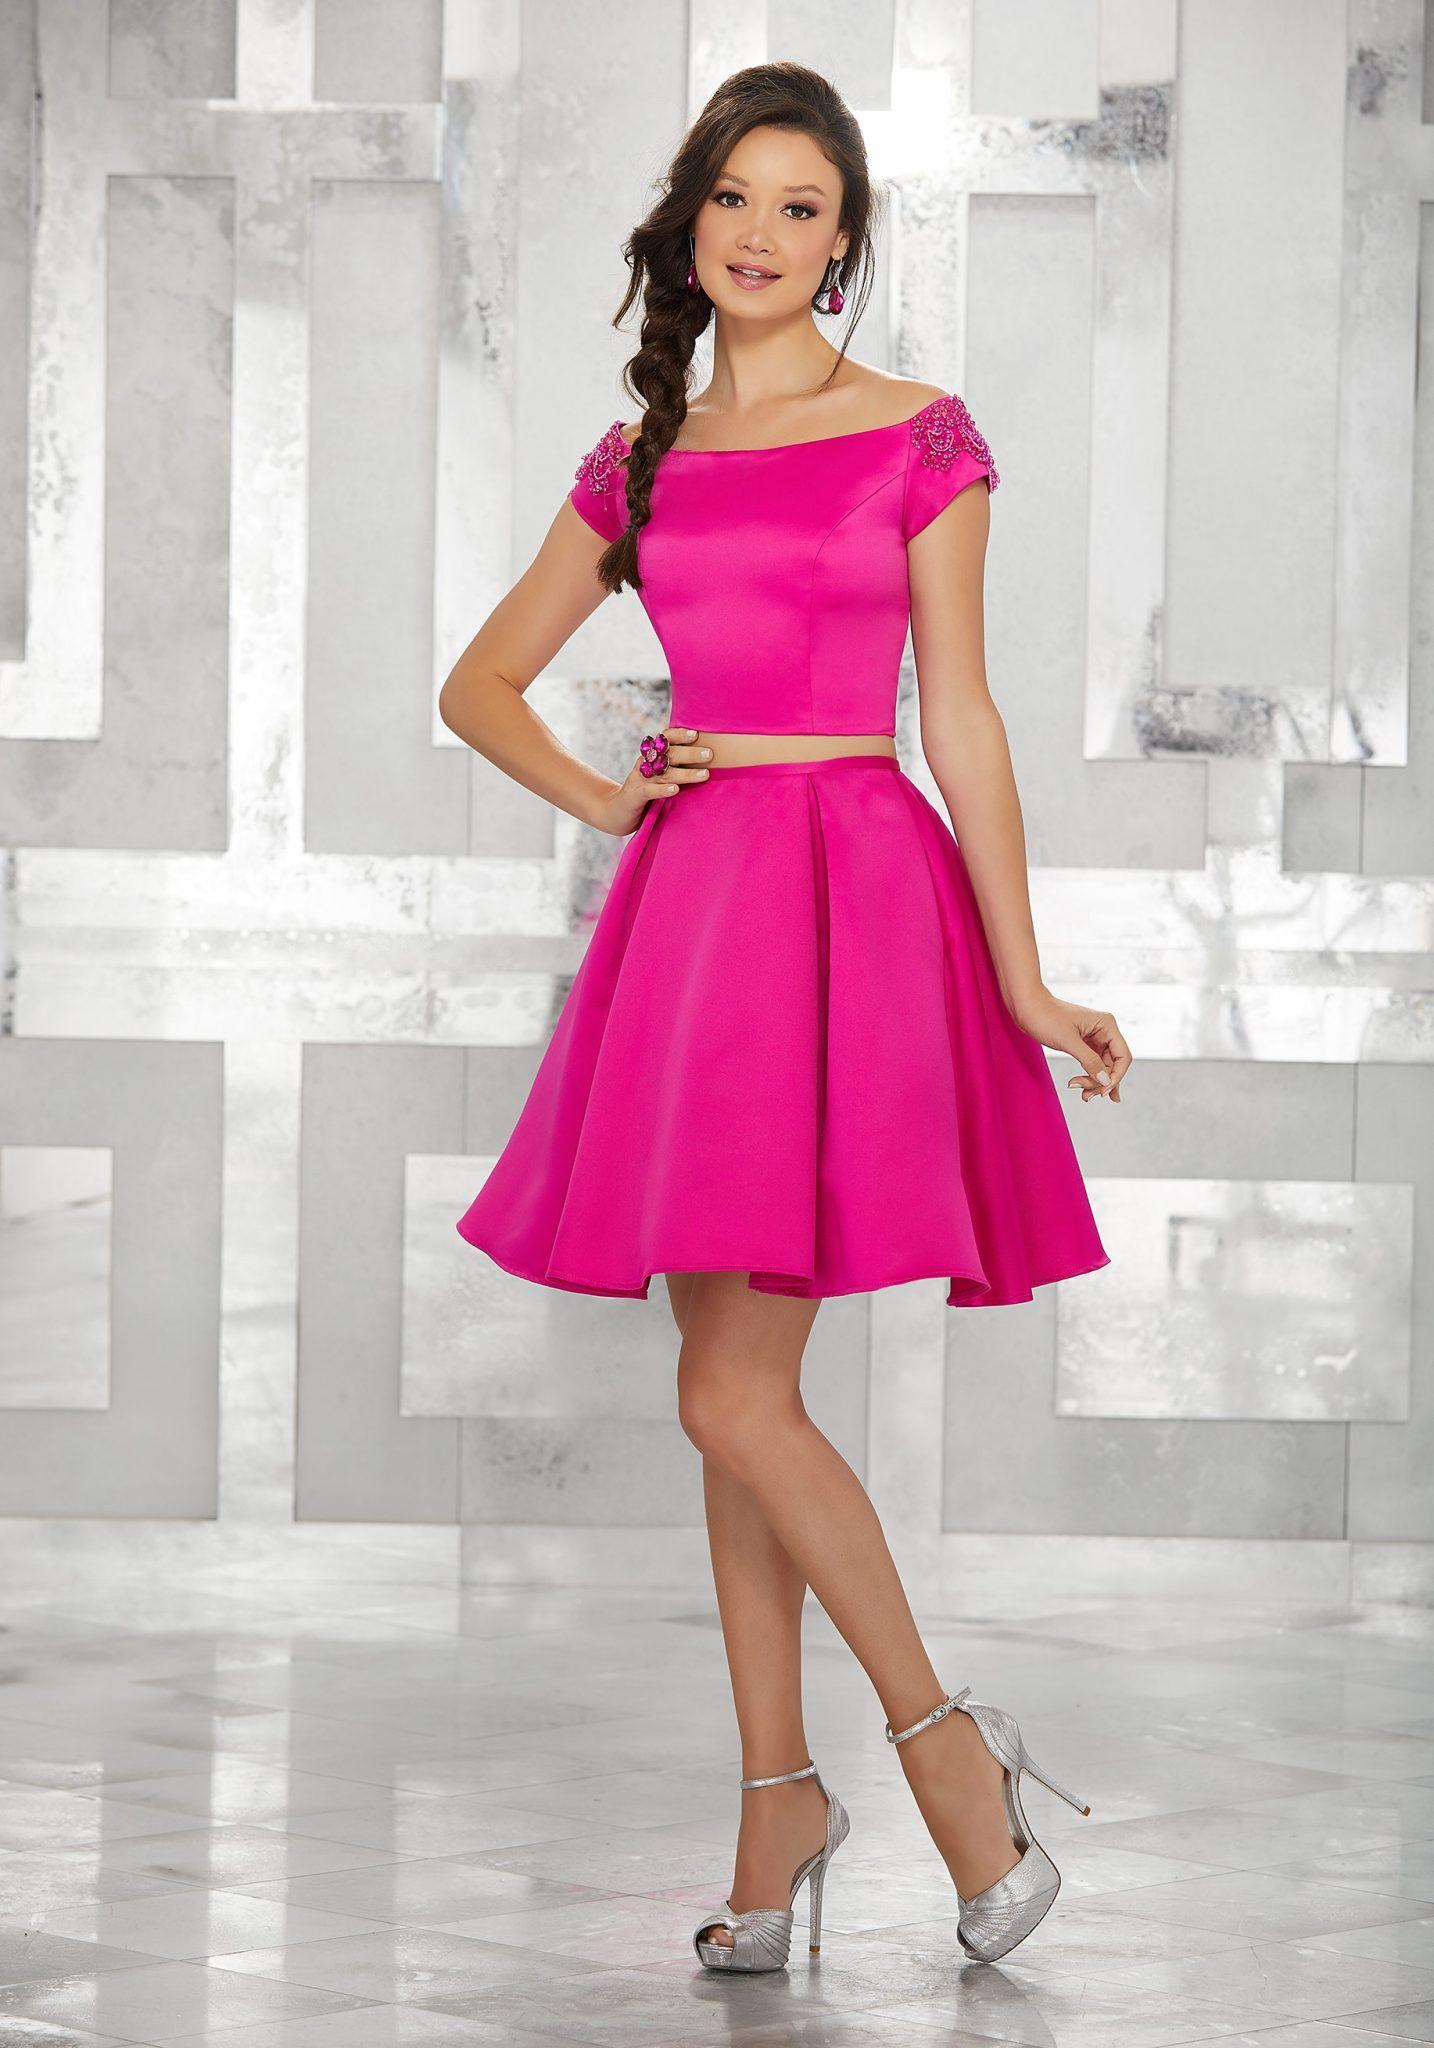 abiye elbise kısa abiye modelleri fuşya saten İki parça kayık